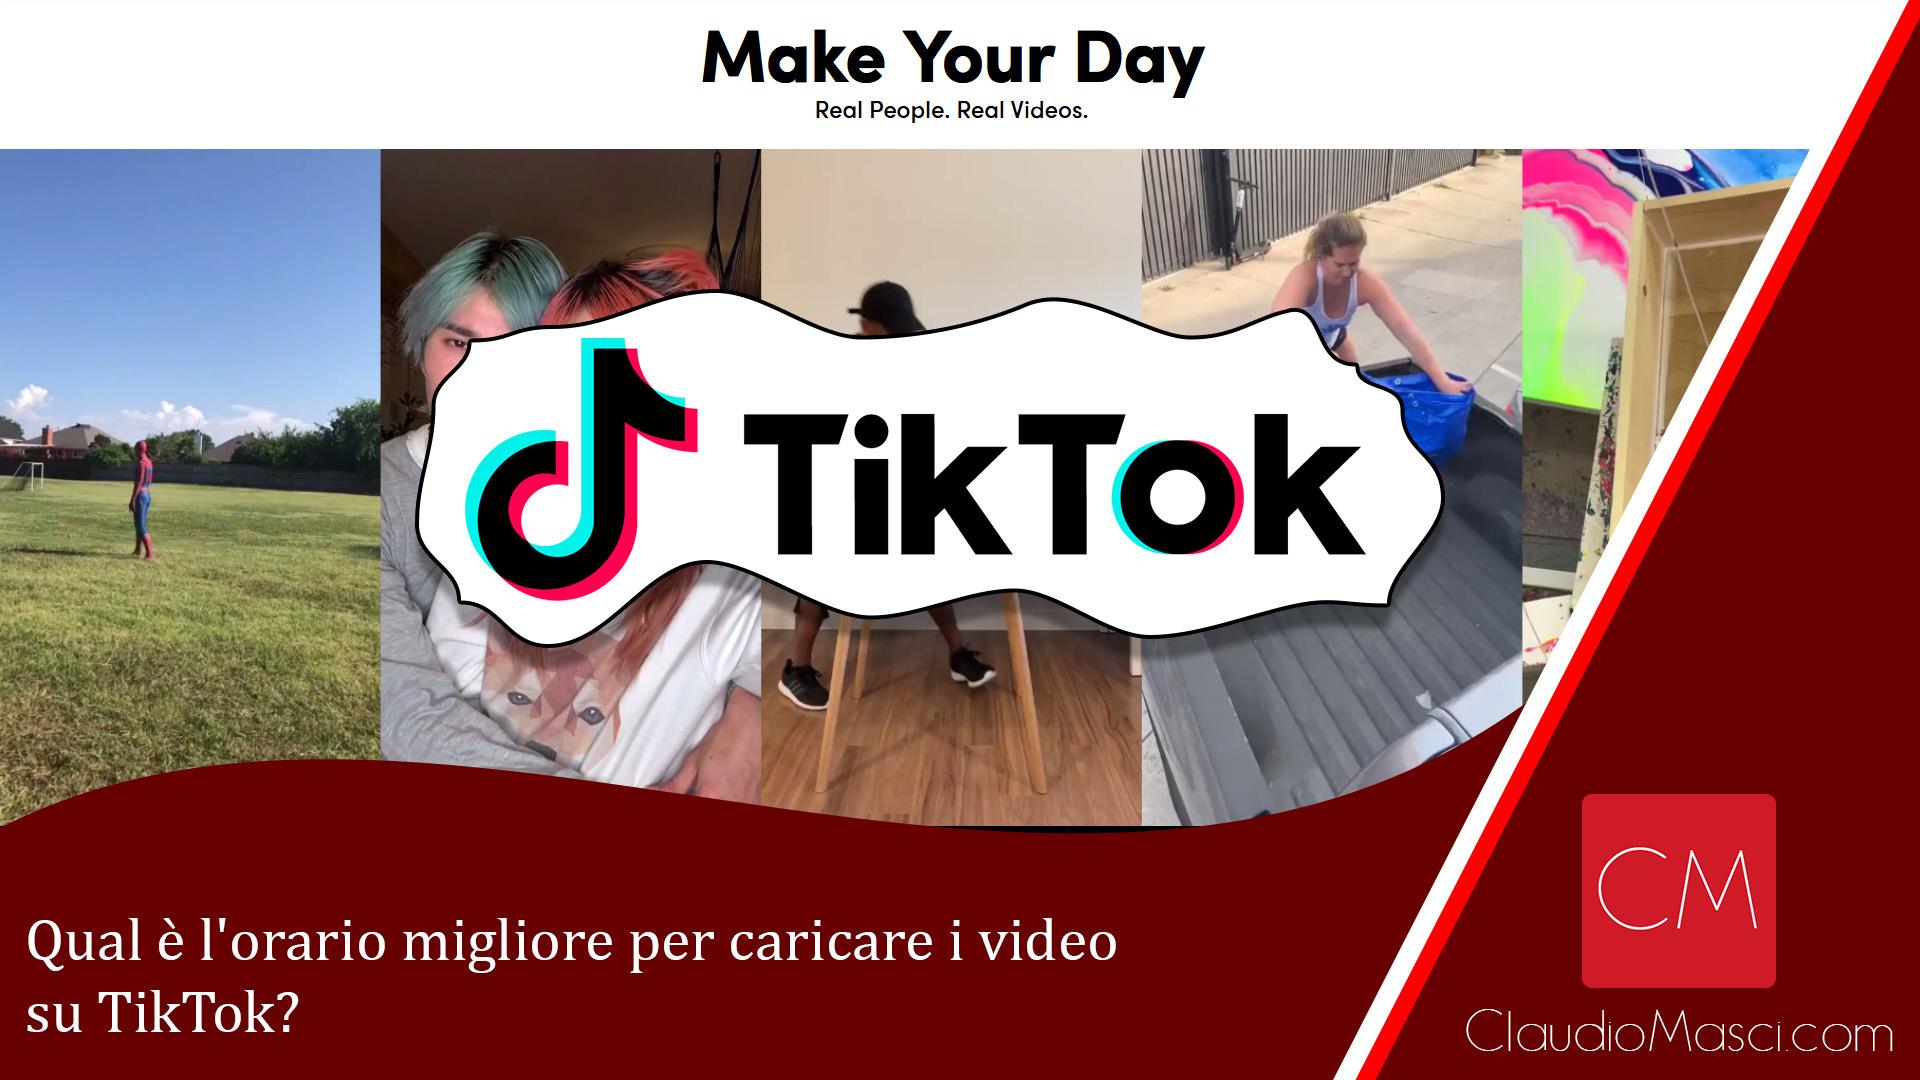 Qual è l'orario migliore per caricare i video su TikTok